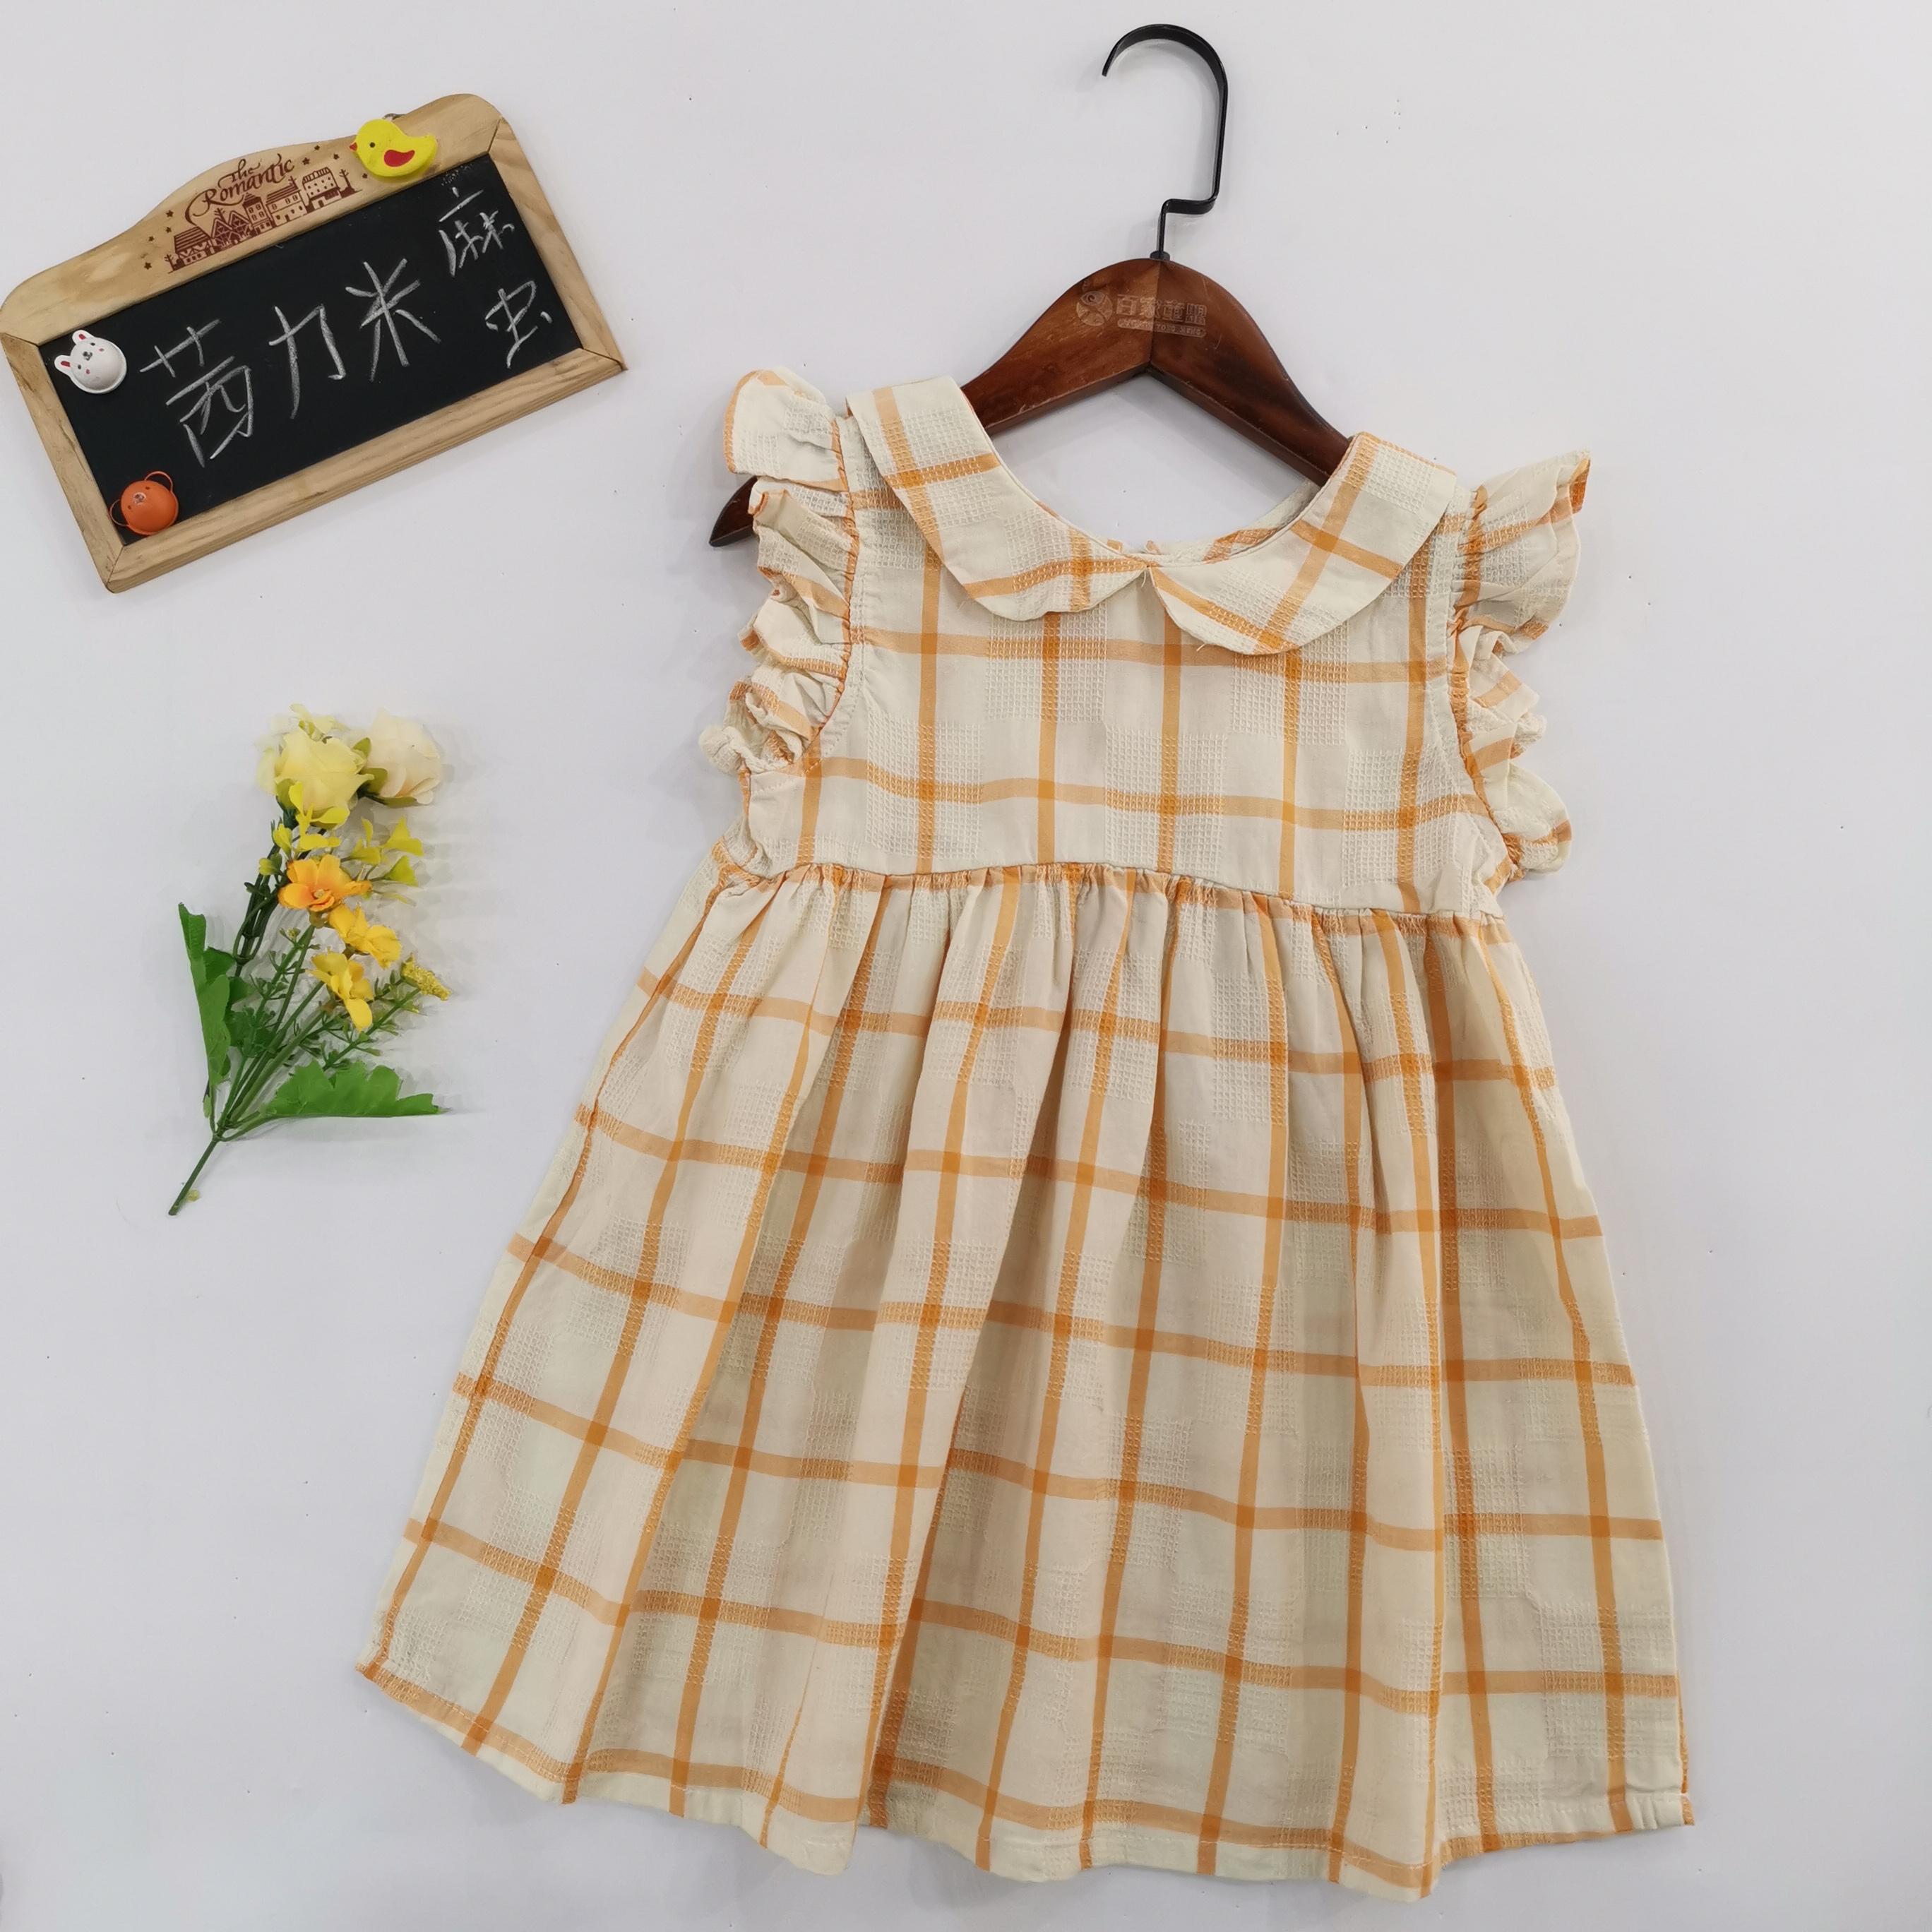 女童夏装连衣裙-女童夏装连衣裙批发、促销价格、... - 阿里巴巴